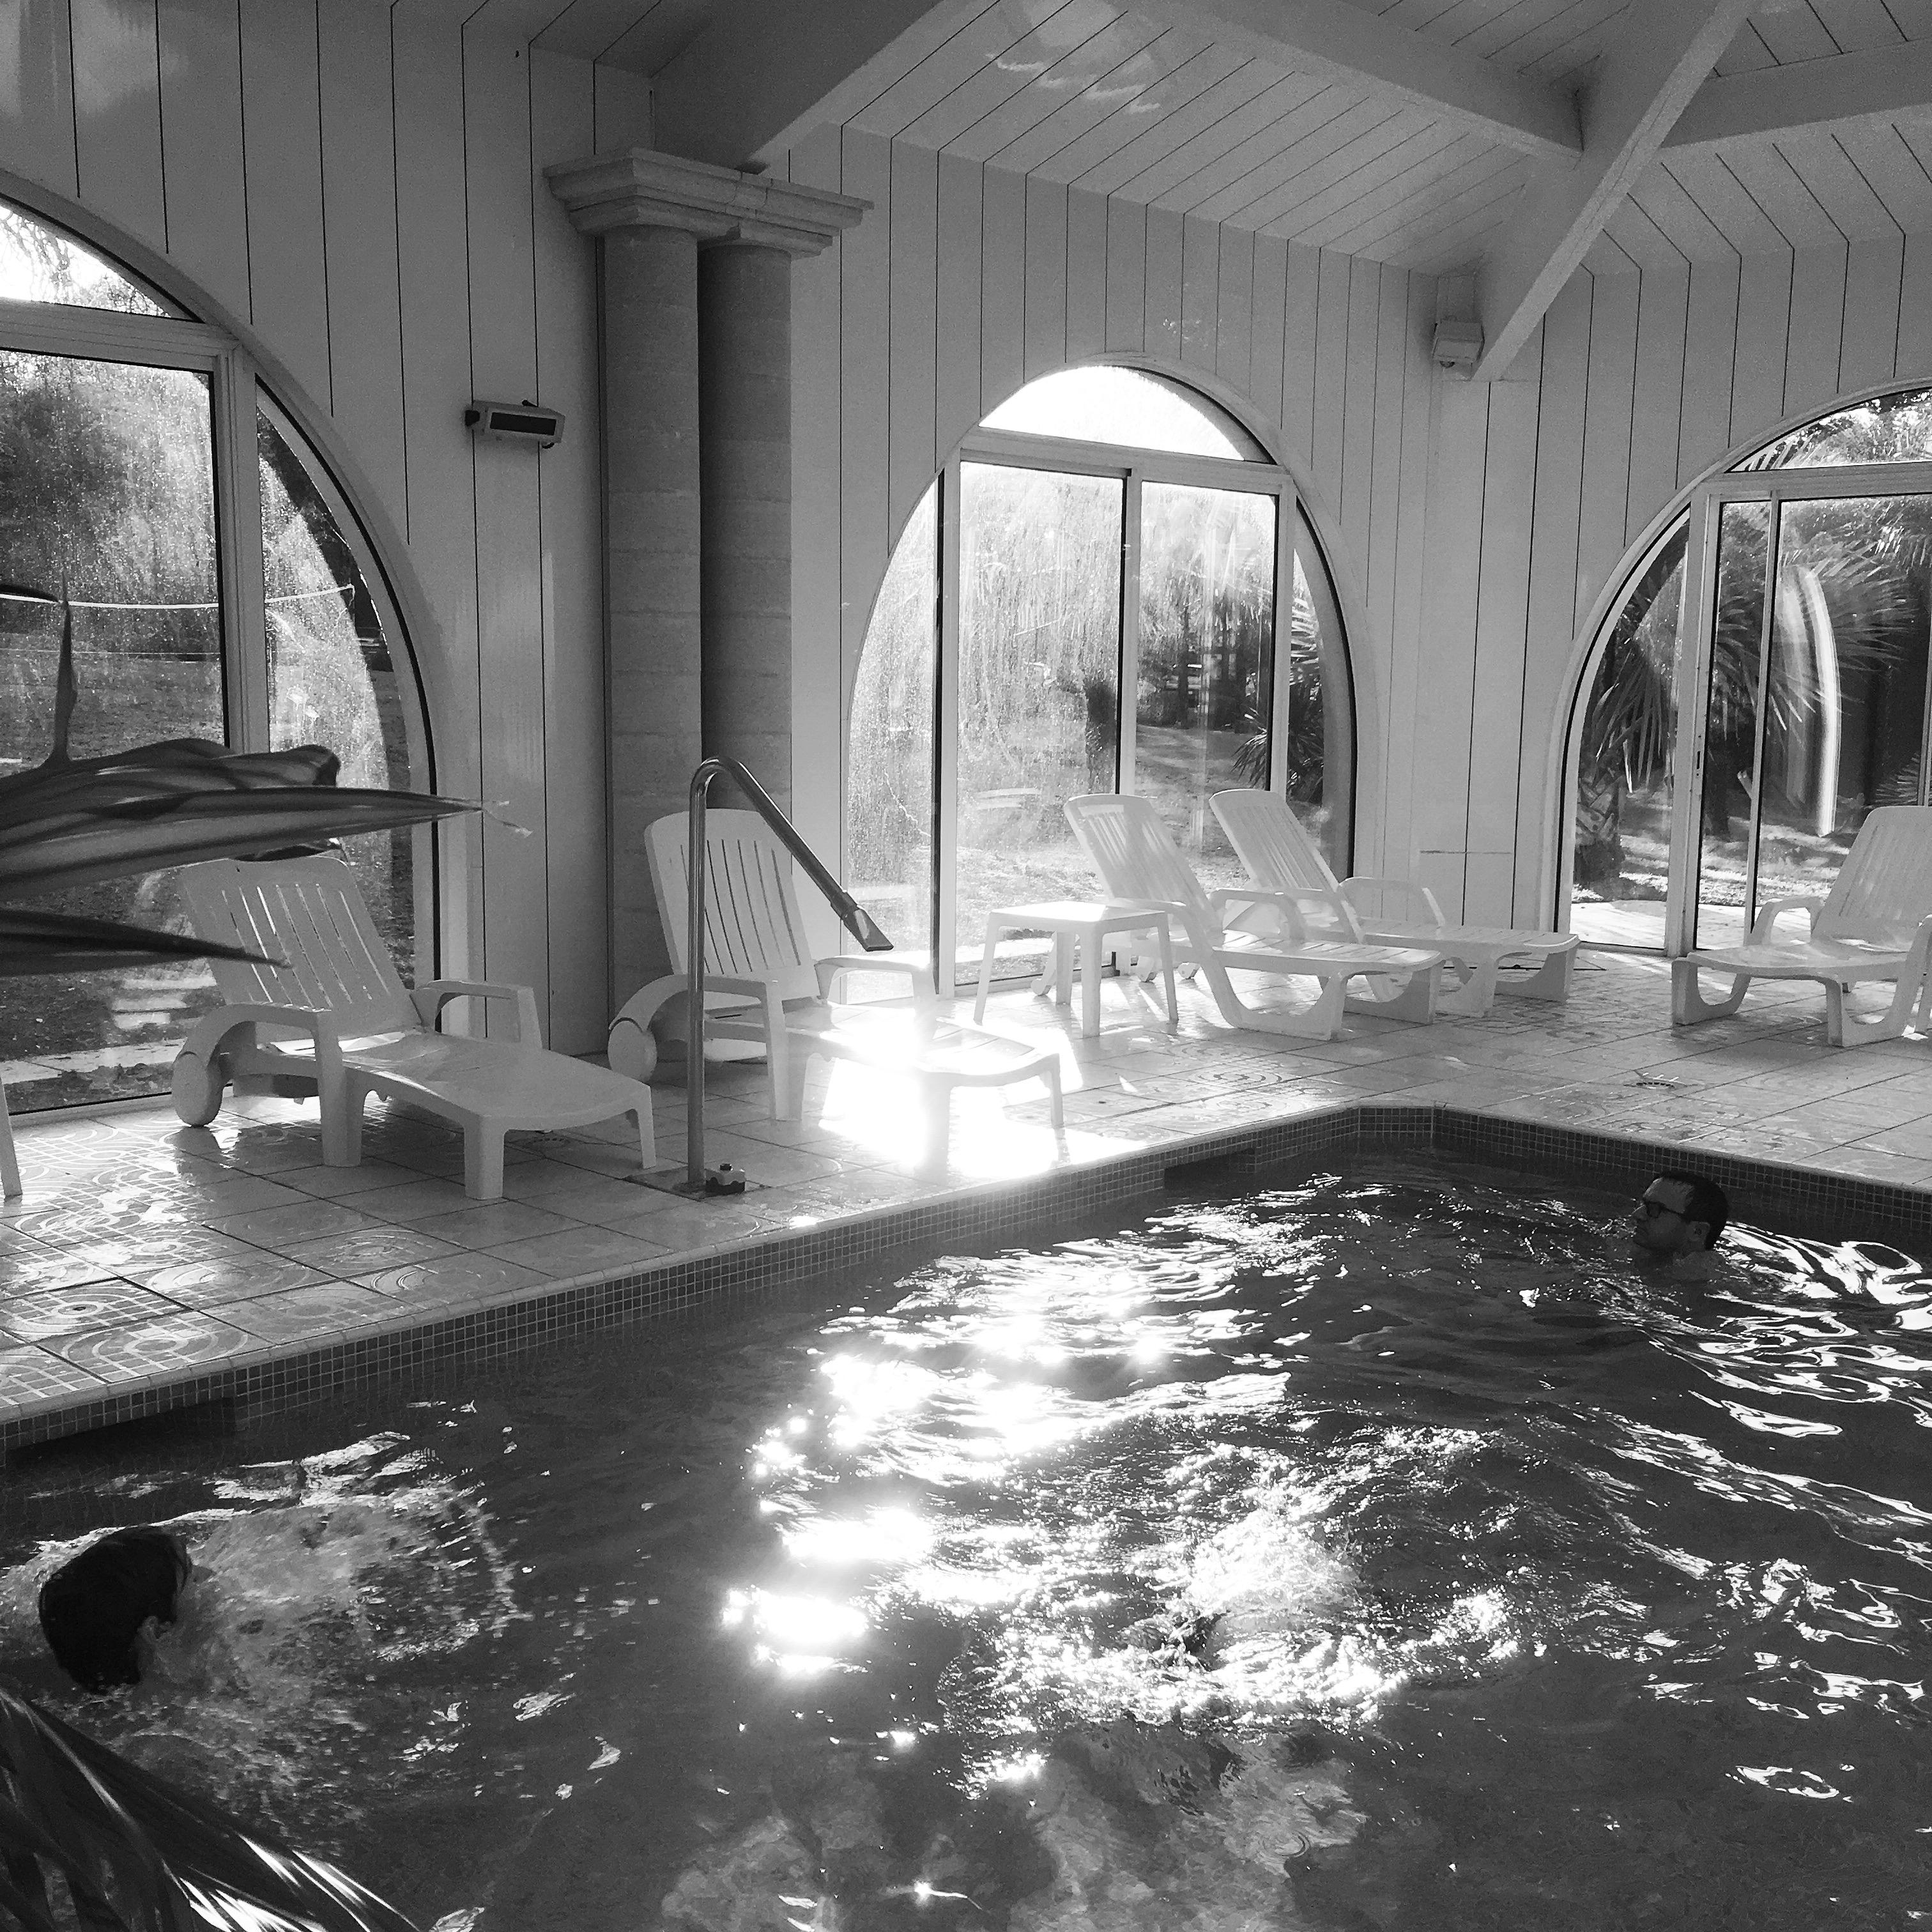 Frais piscine pour femme voil e 95 piscine for Piscine desjoyaux bazas